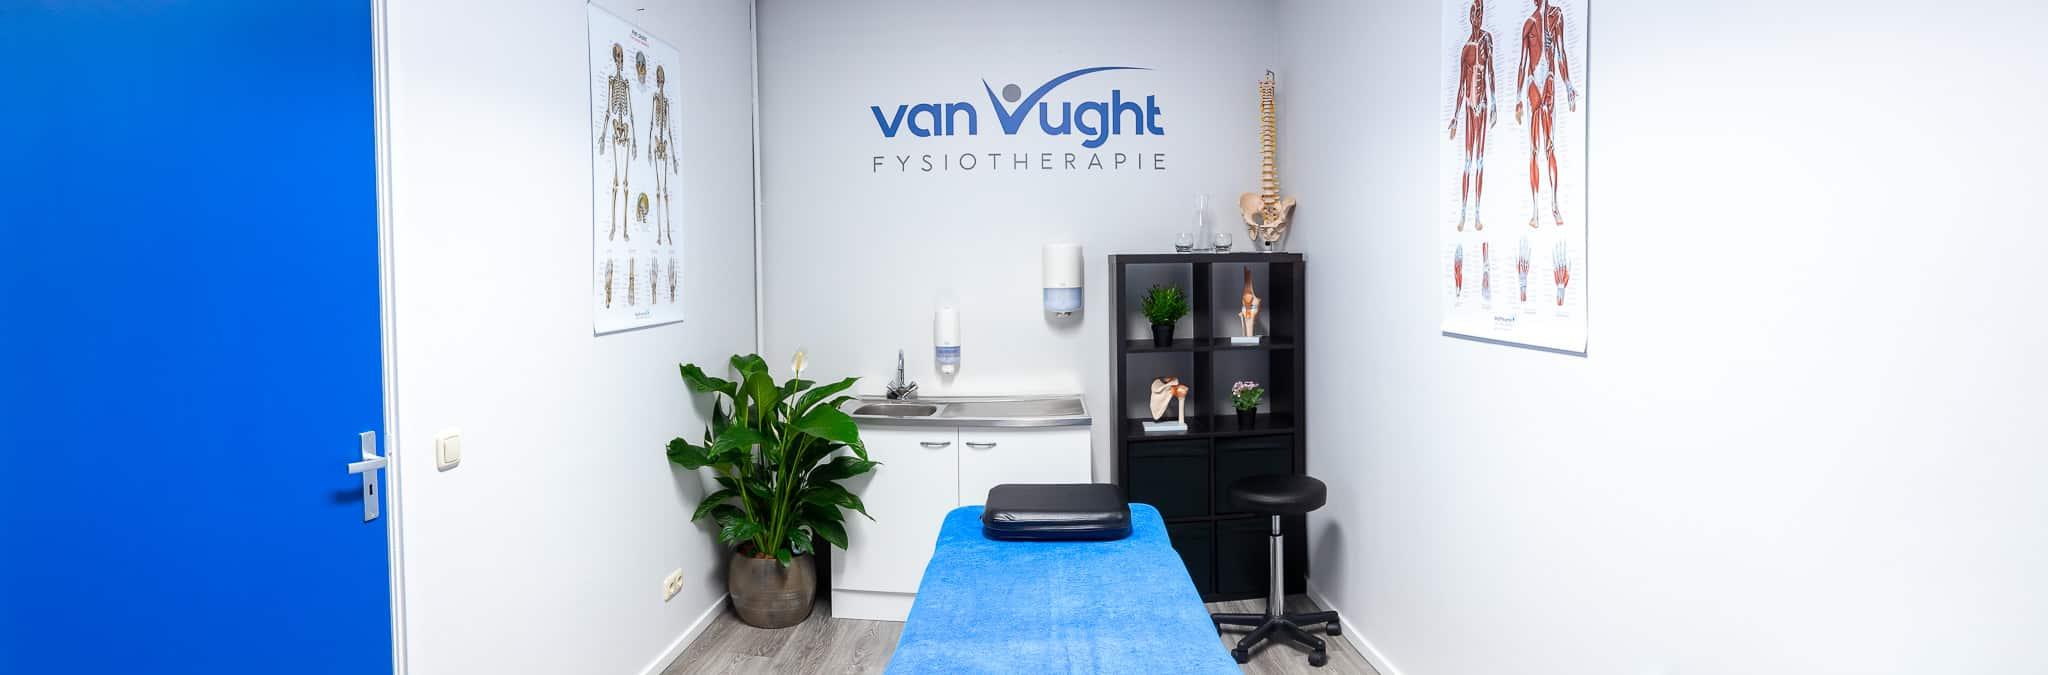 van-vught-fysiotherapie